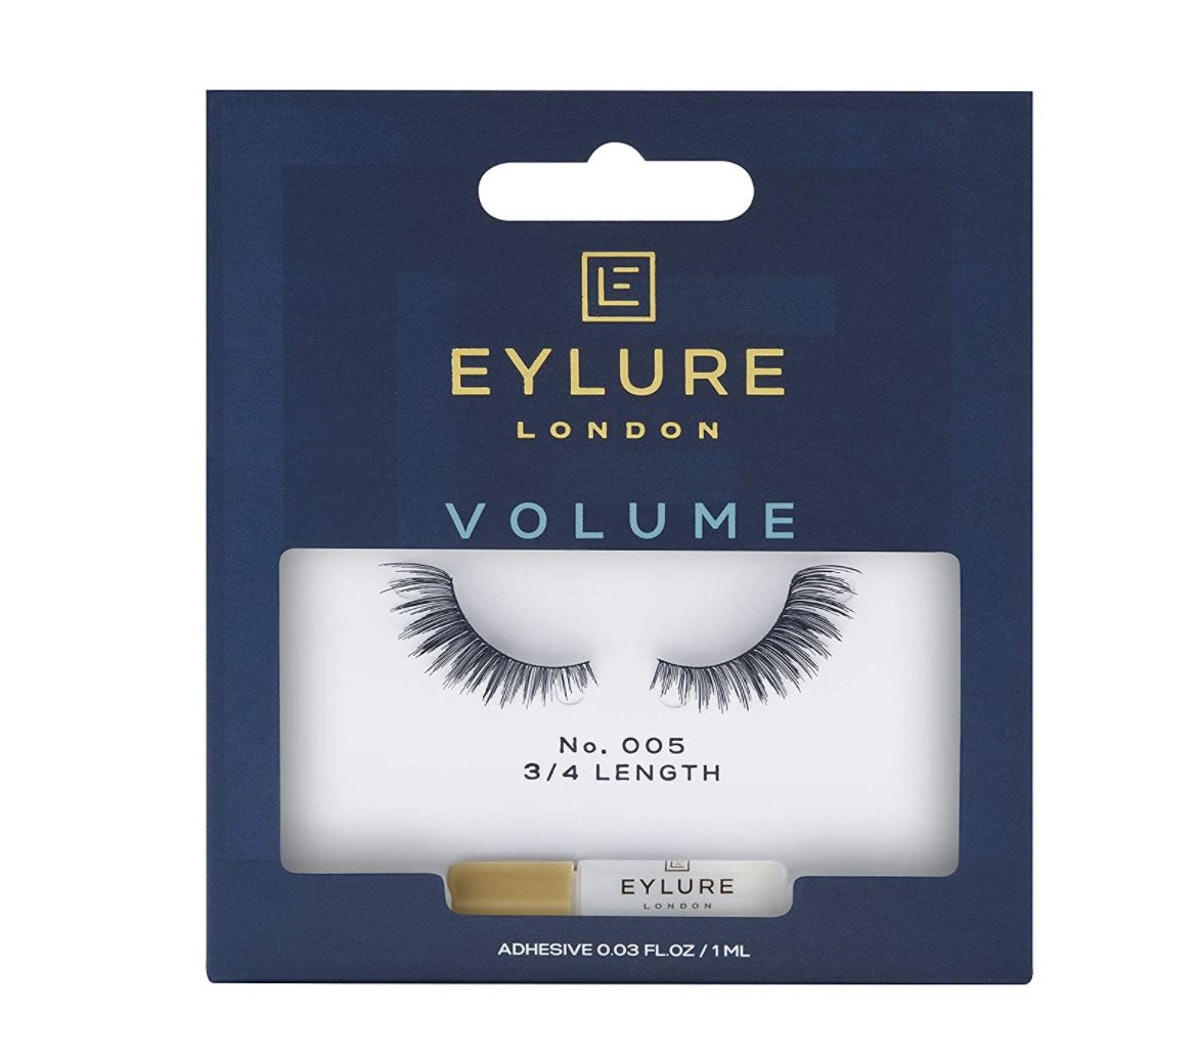 Eylure Volume False Lashes